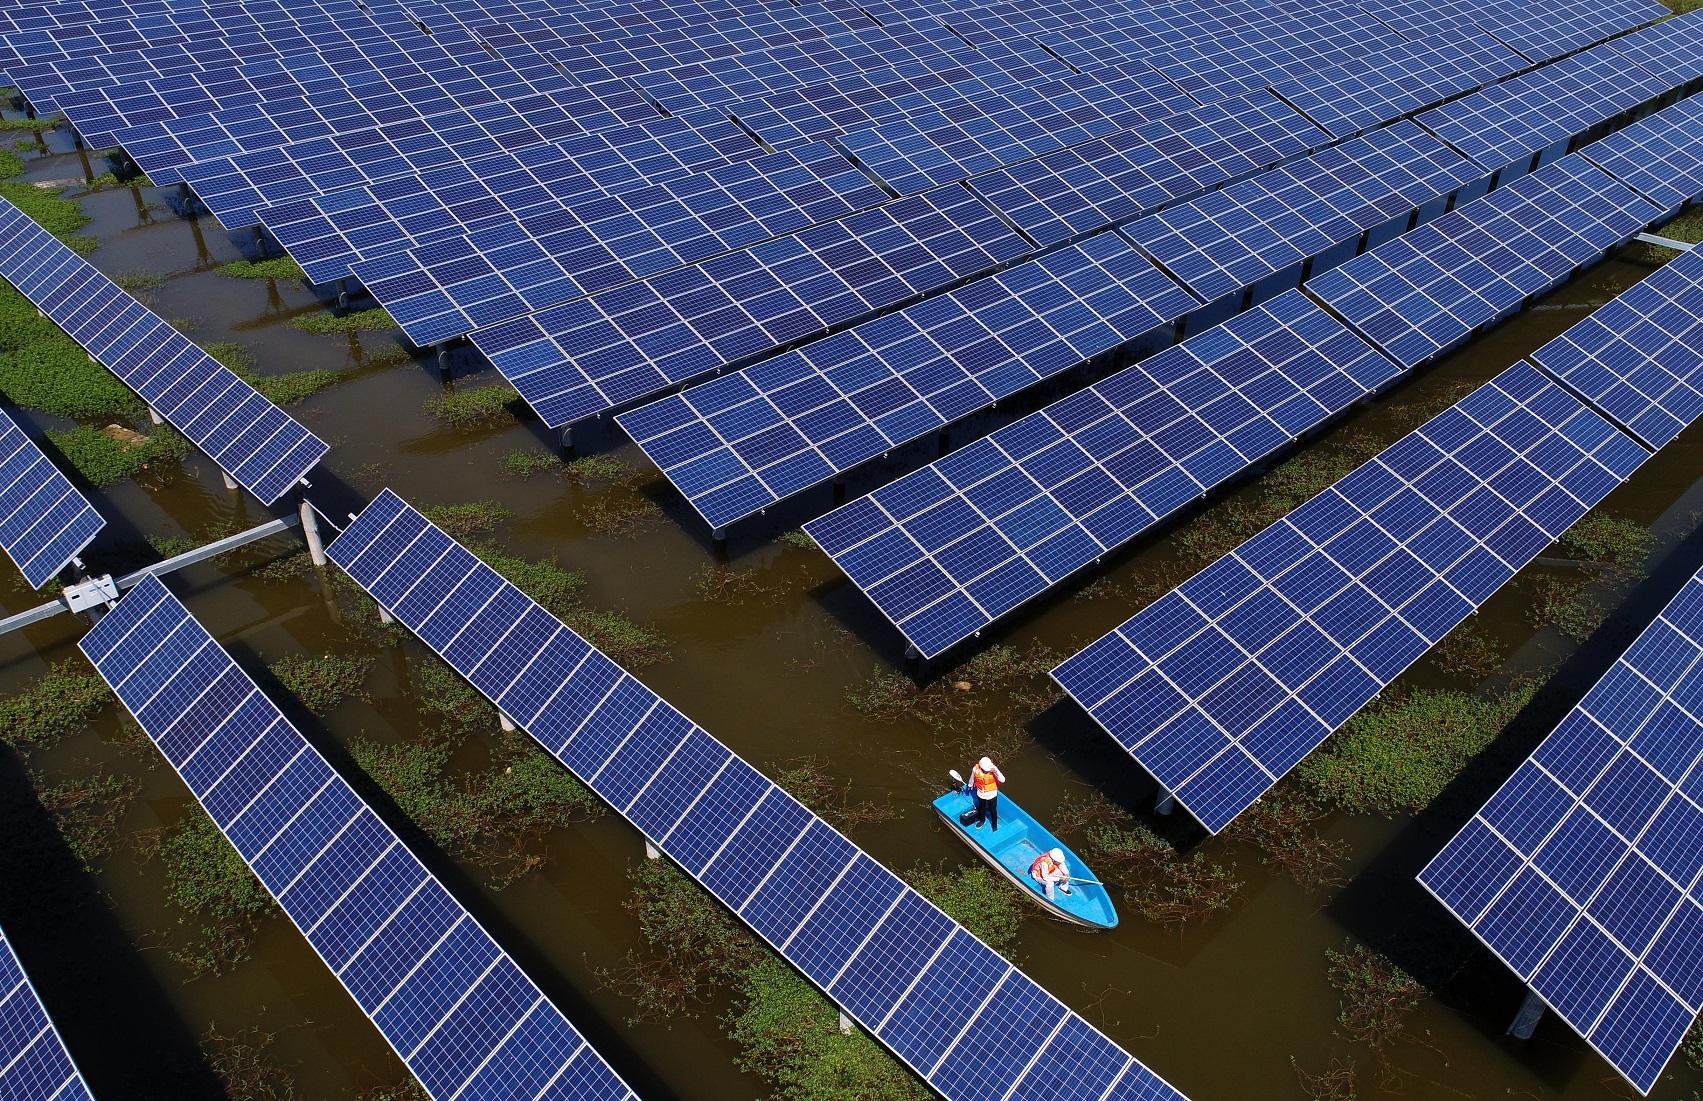 Uma das muitas fazendas de energia solar da China. O país é o líder da produção mundial de energia renovável. Foto Zhou guoqiang / Imaginechina